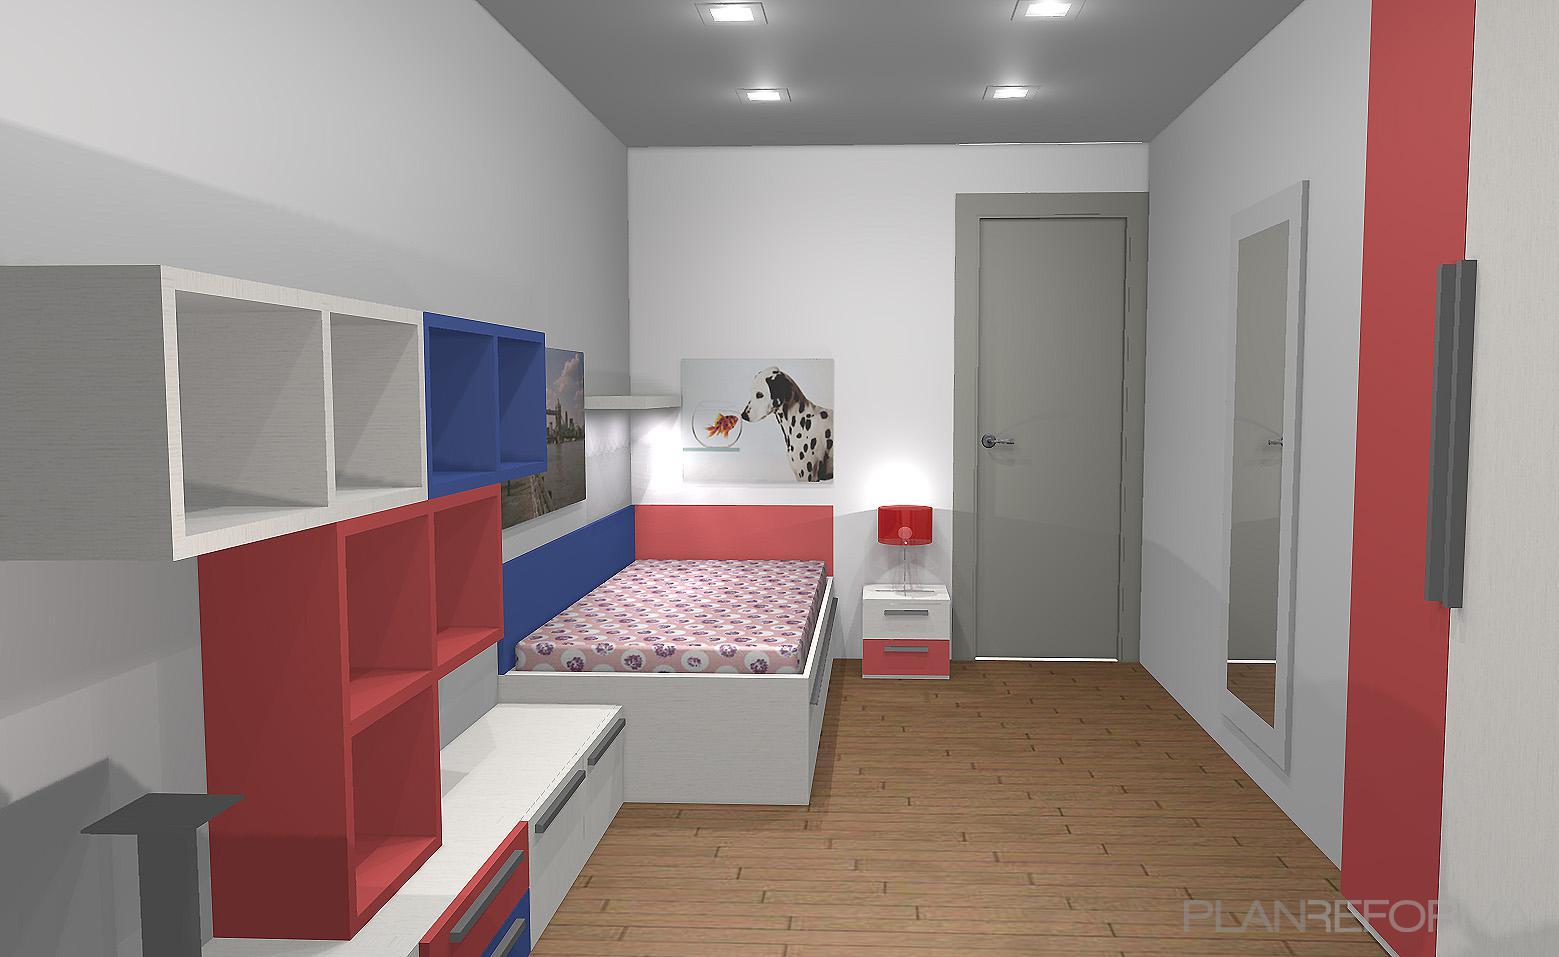 Dormitorio style contemporaneo color rojo azul oscuro gris for Dormitorio oscuro